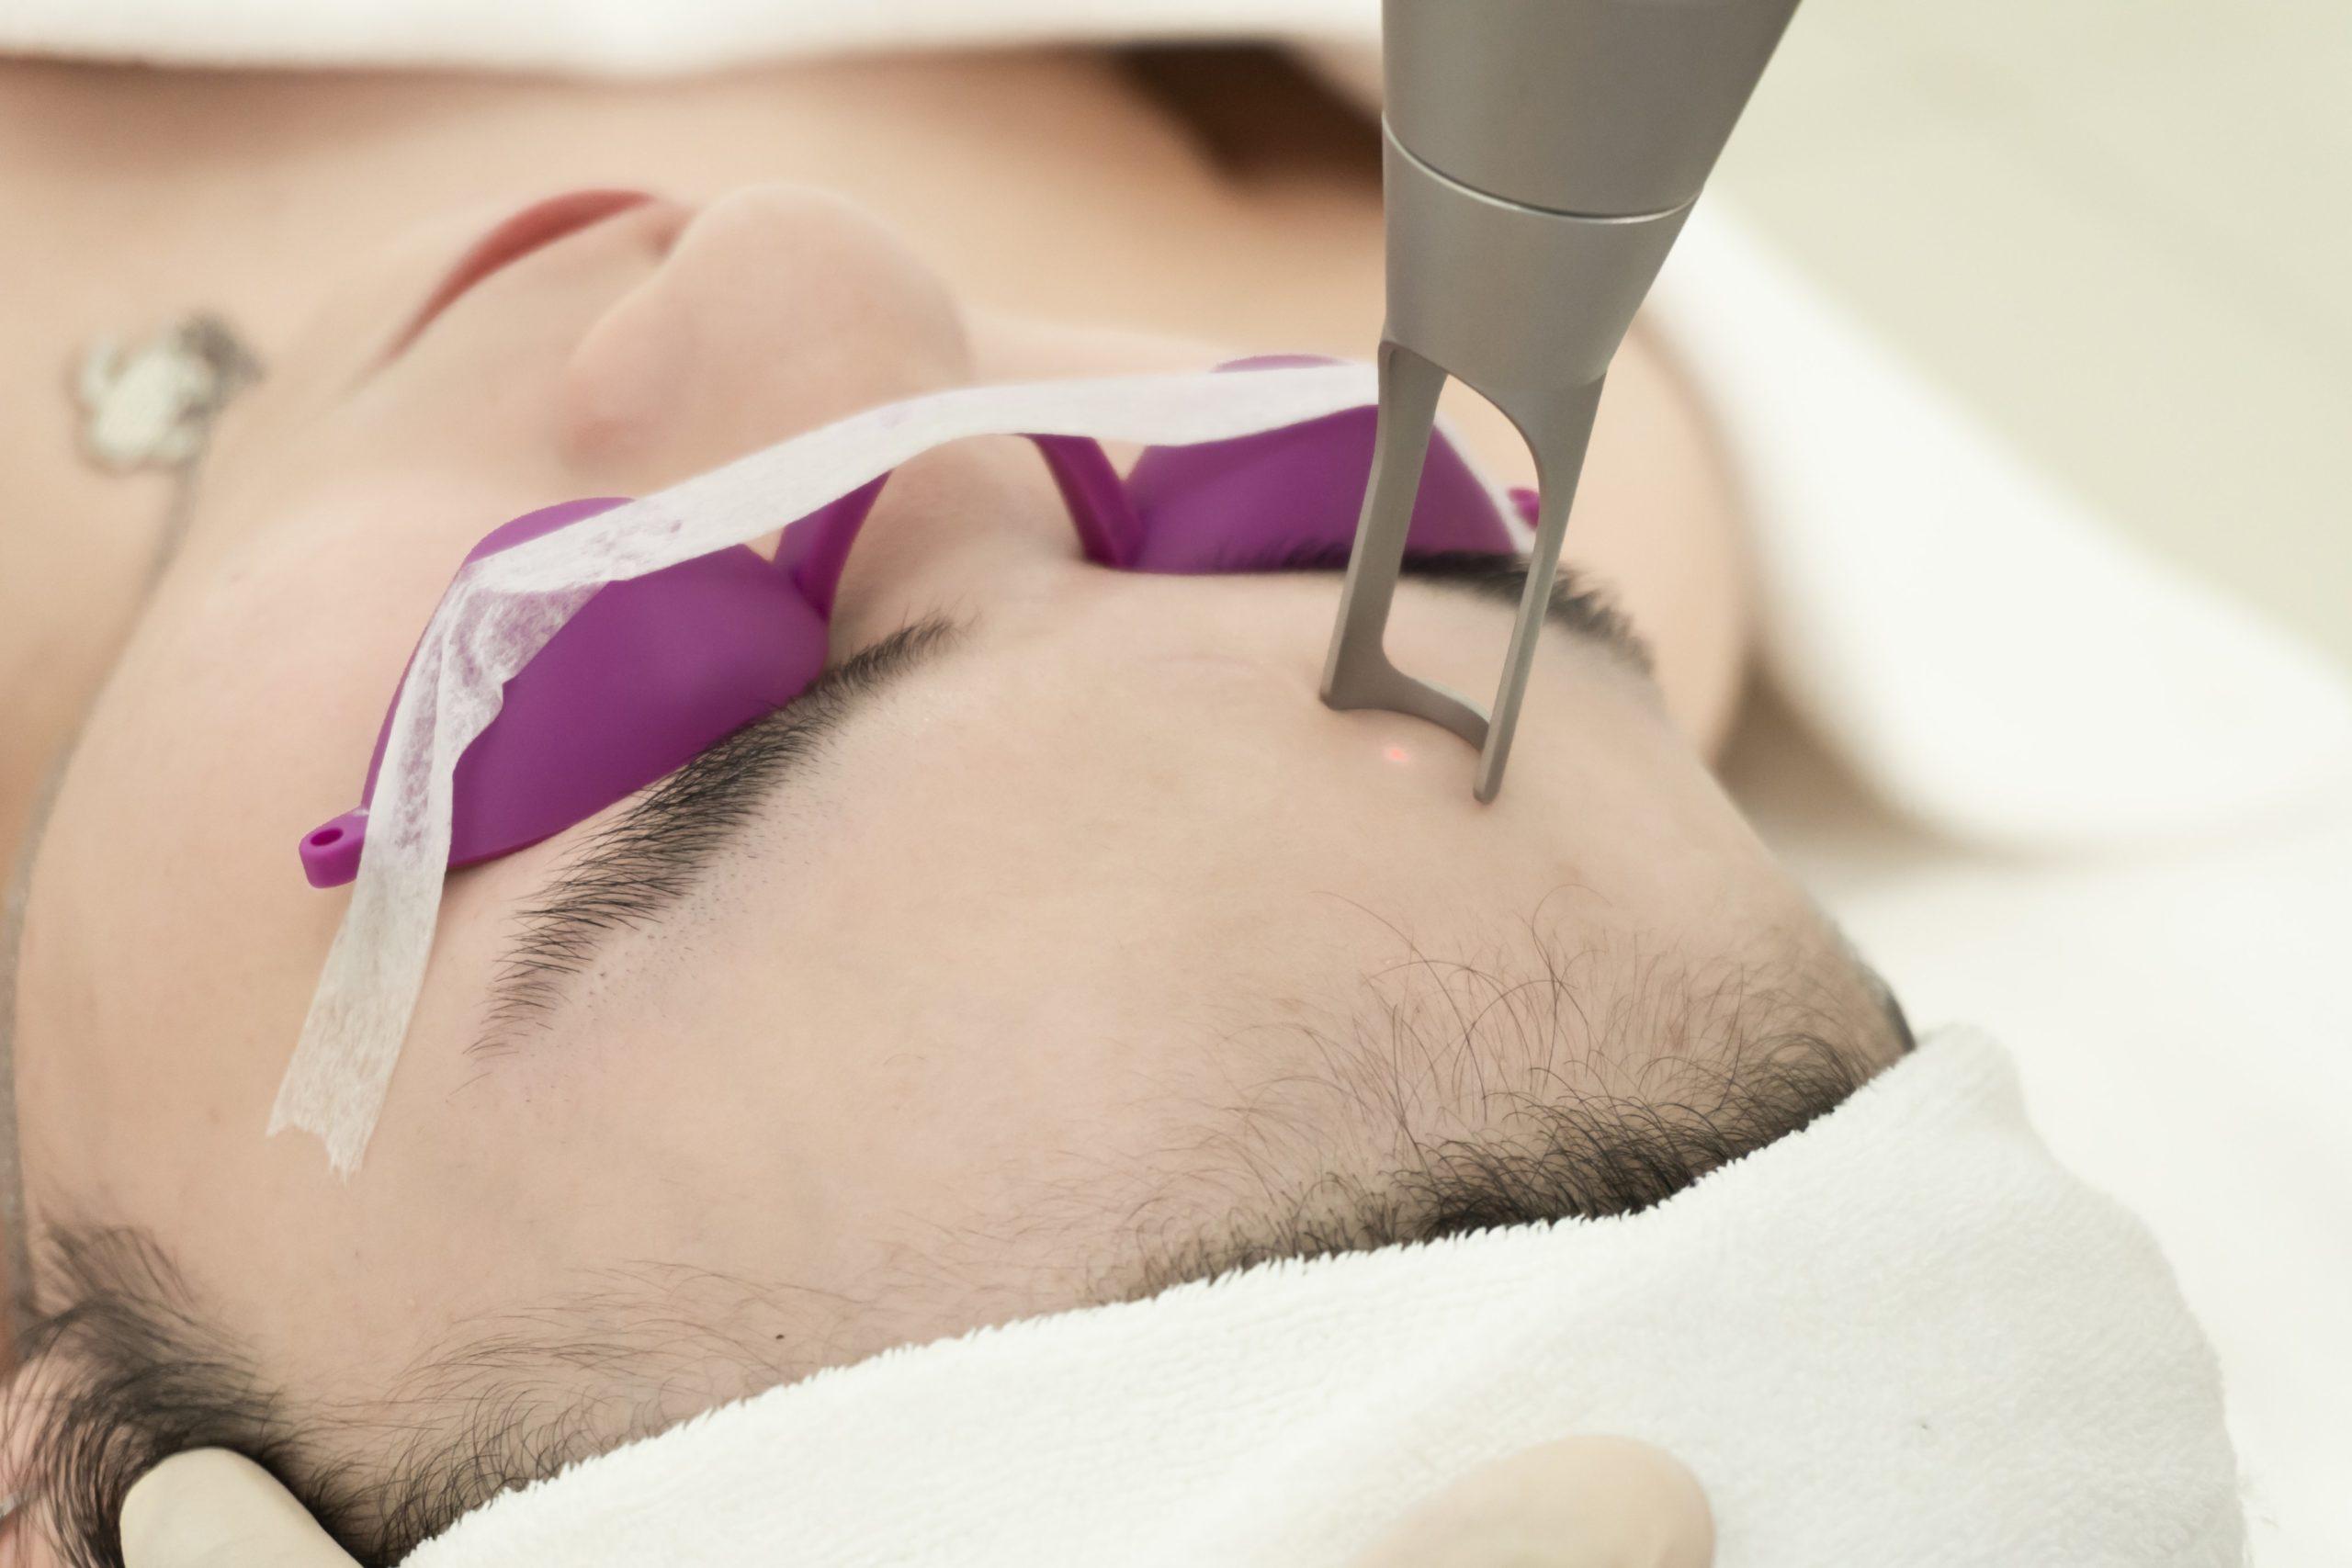 Công nghệ LaserNano chuyên trị nám, tàn nhang chống lão hóa